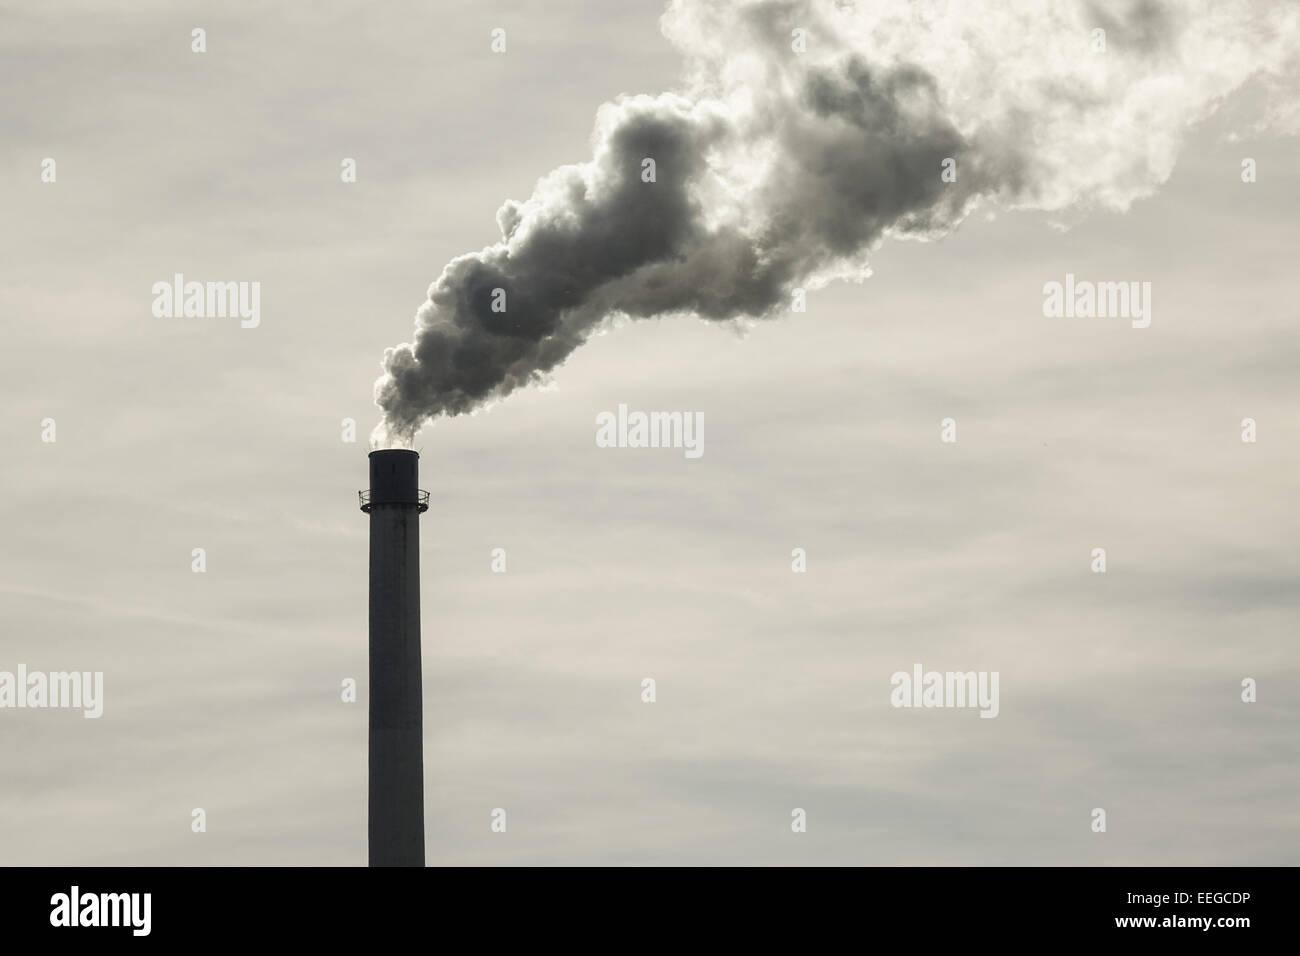 Rauchender Fabrikschornstein, Rauchen Fabrikschlot, Emissionen, CO2, Erderwärmung, Schmiede, Fabrik, Fabriken, Stockbild